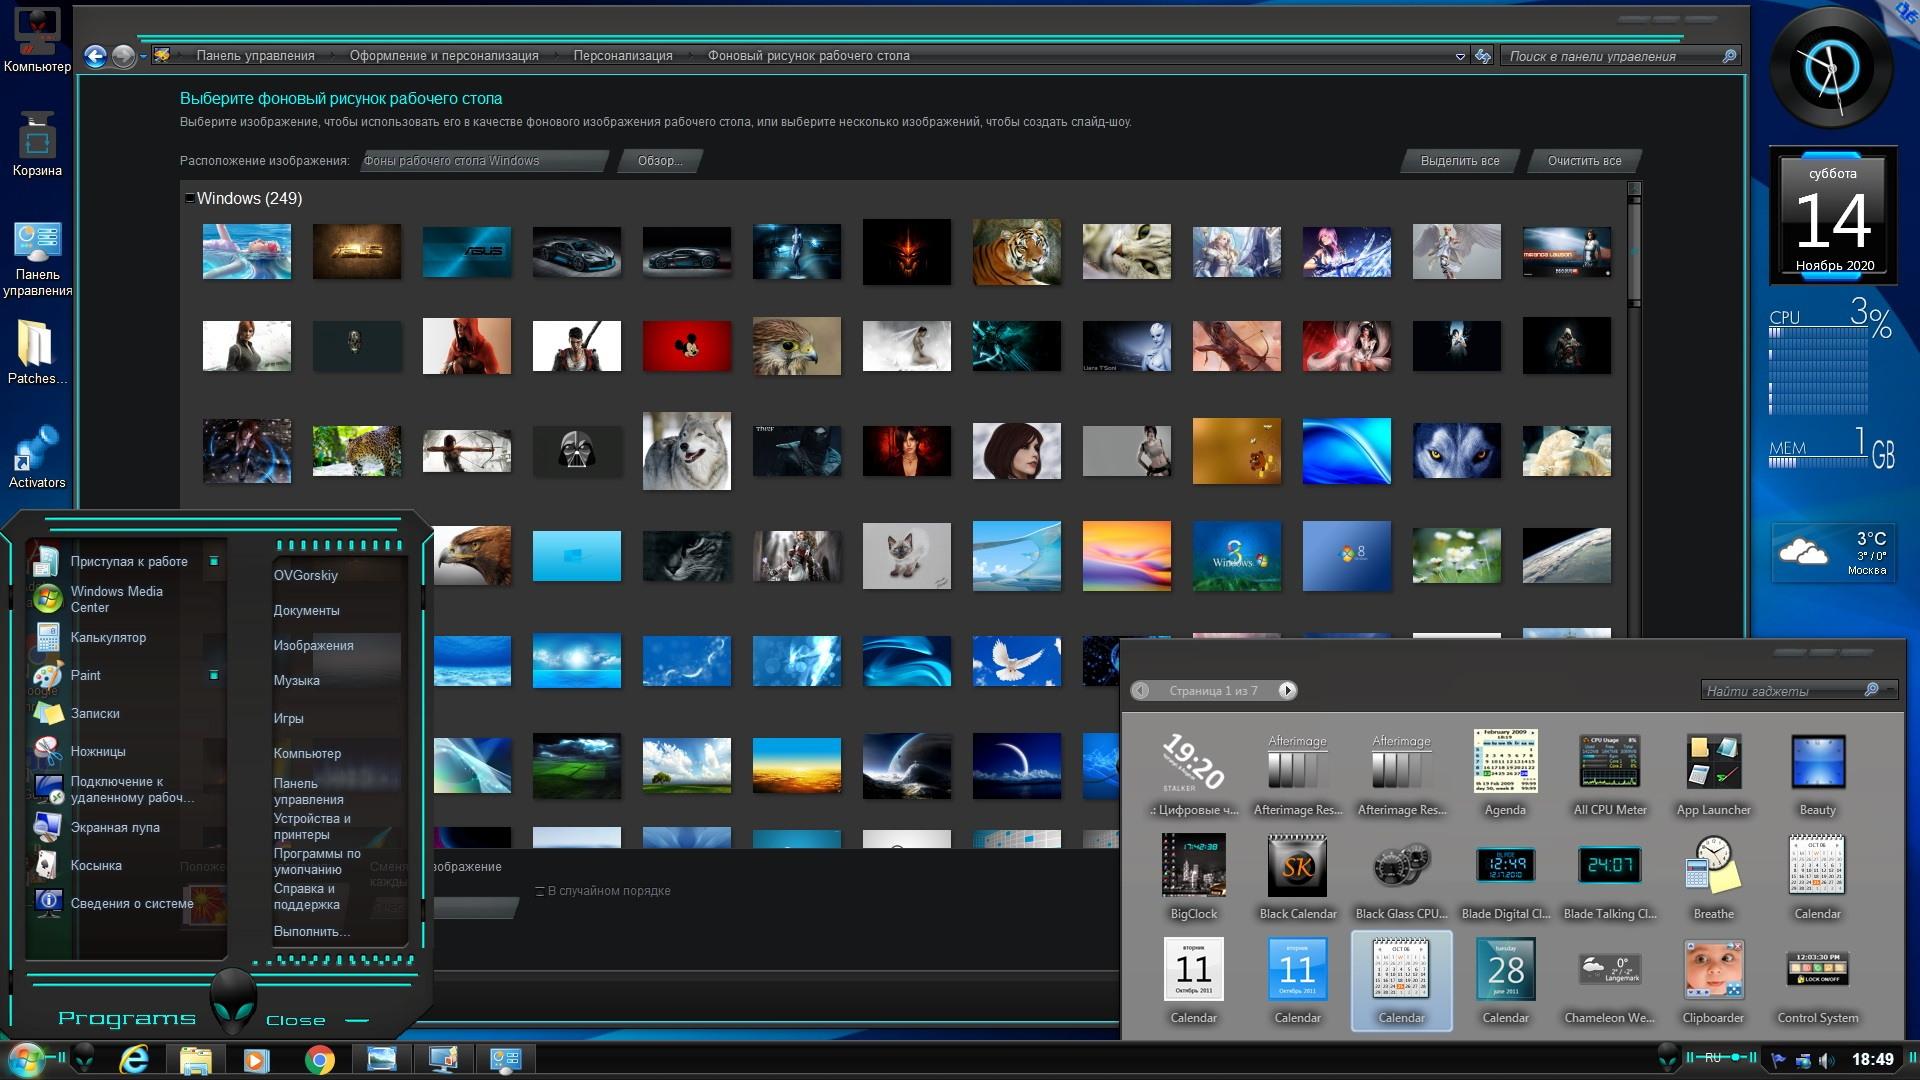 Microsoft® Windows® 7 Ultimate Ru x86 SP1 7DB by OVGorskiy 11.2020 1DVD